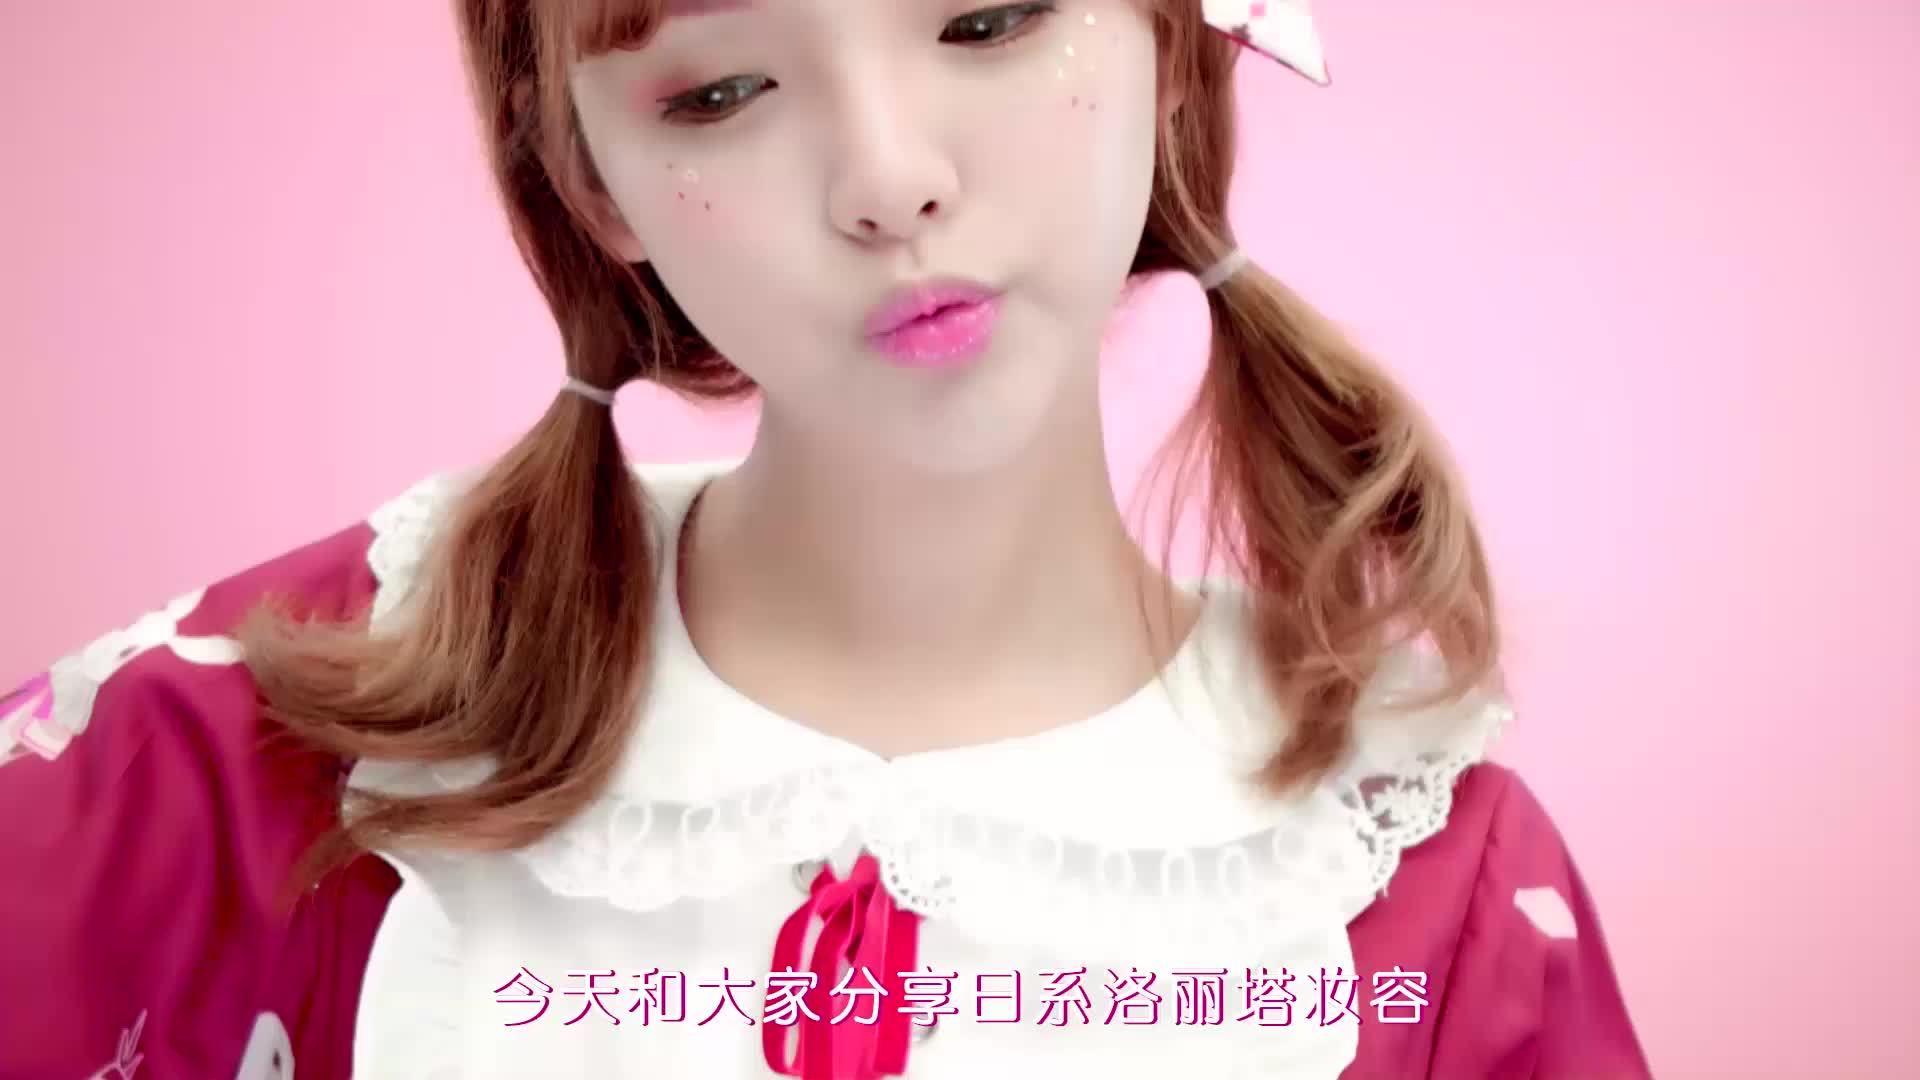 教你简单粗暴的超可爱日系萌妹妆!